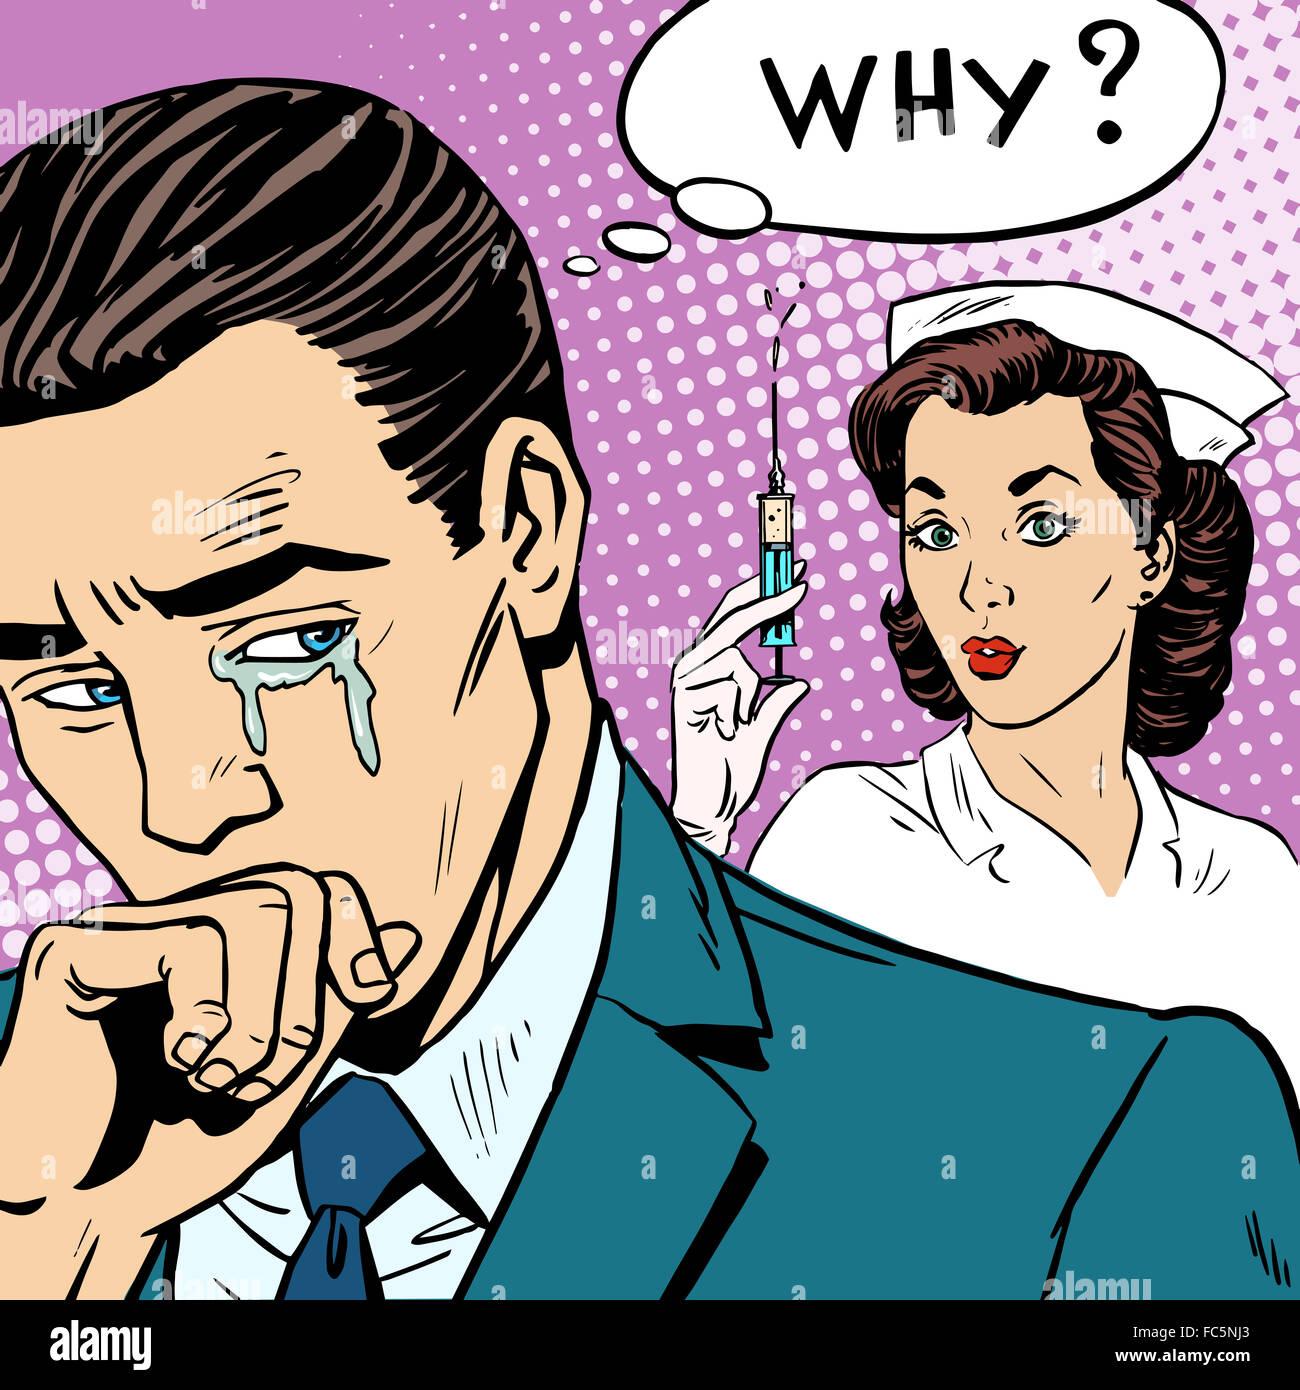 Illness medicine injection syringe man cry - Stock Image